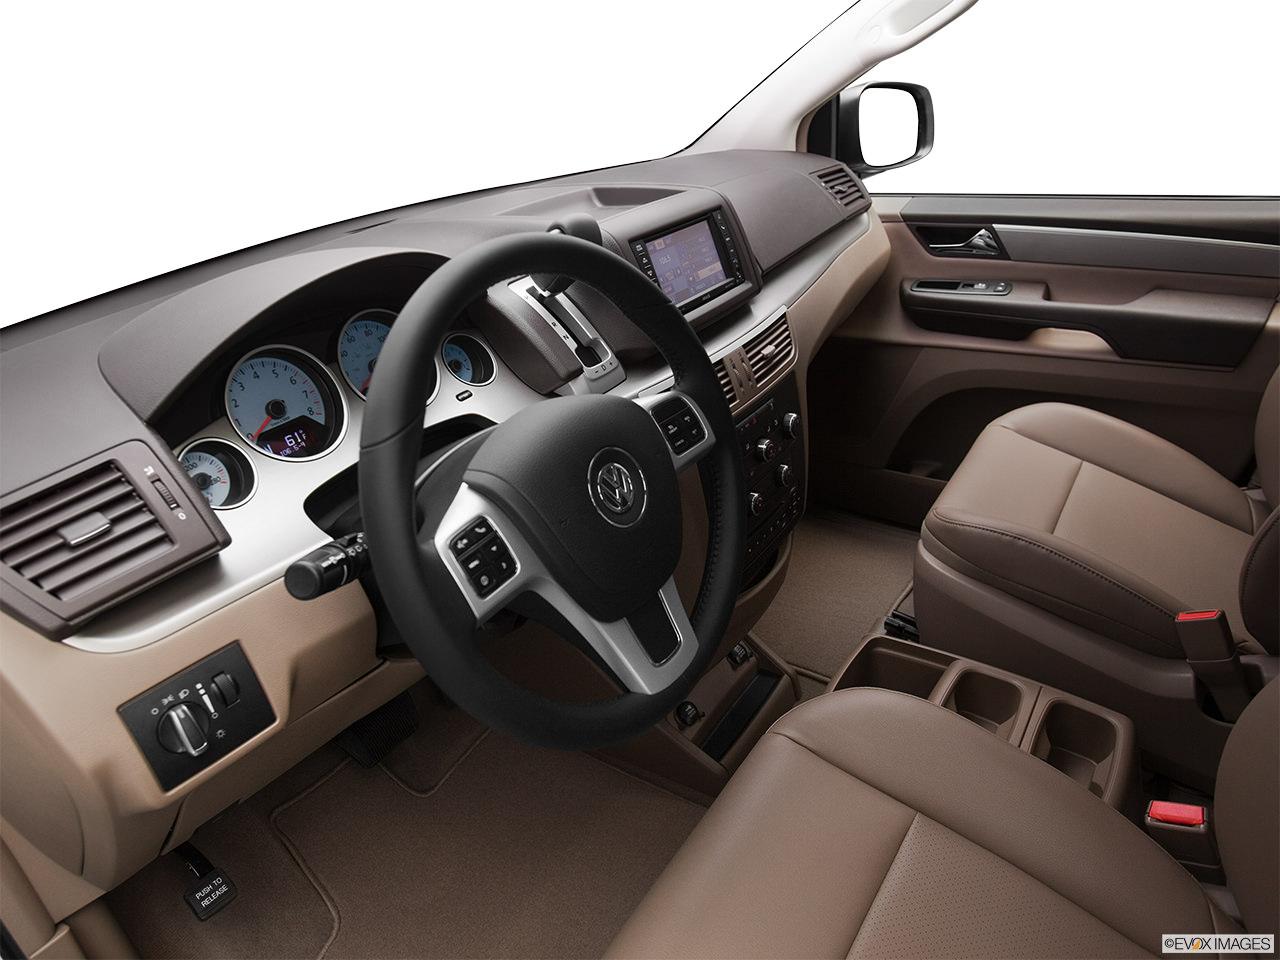 Volkswagen Routan 2012 Interior